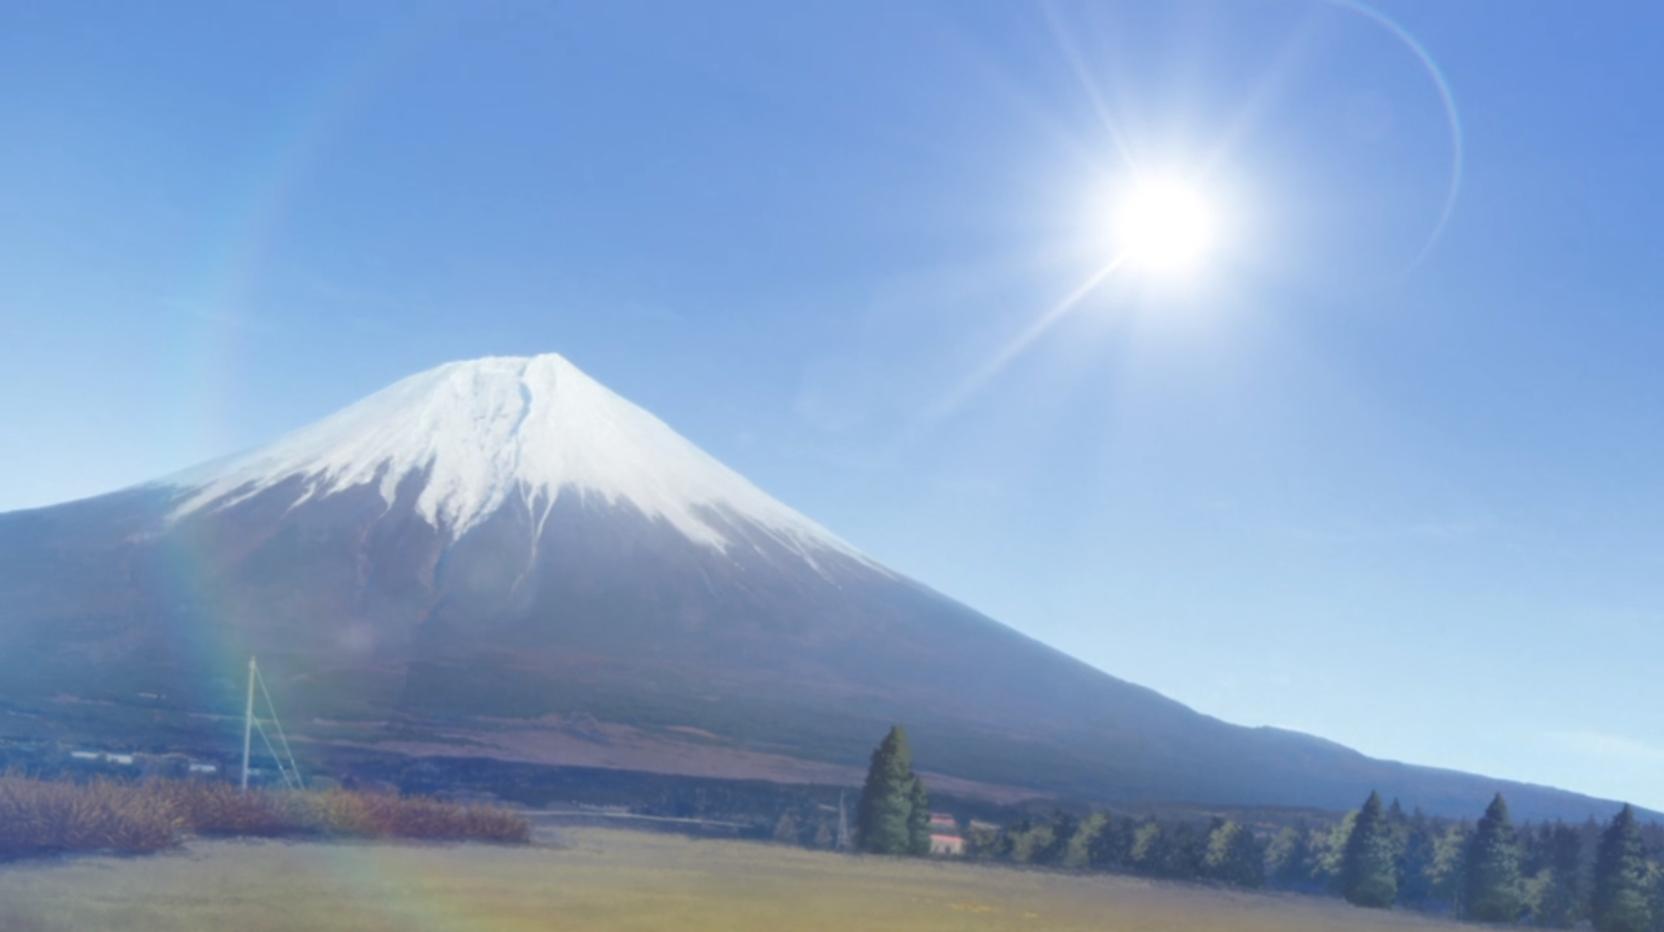 アニメ『ゆるキャン△』11話の朝霧高原キャンプ場